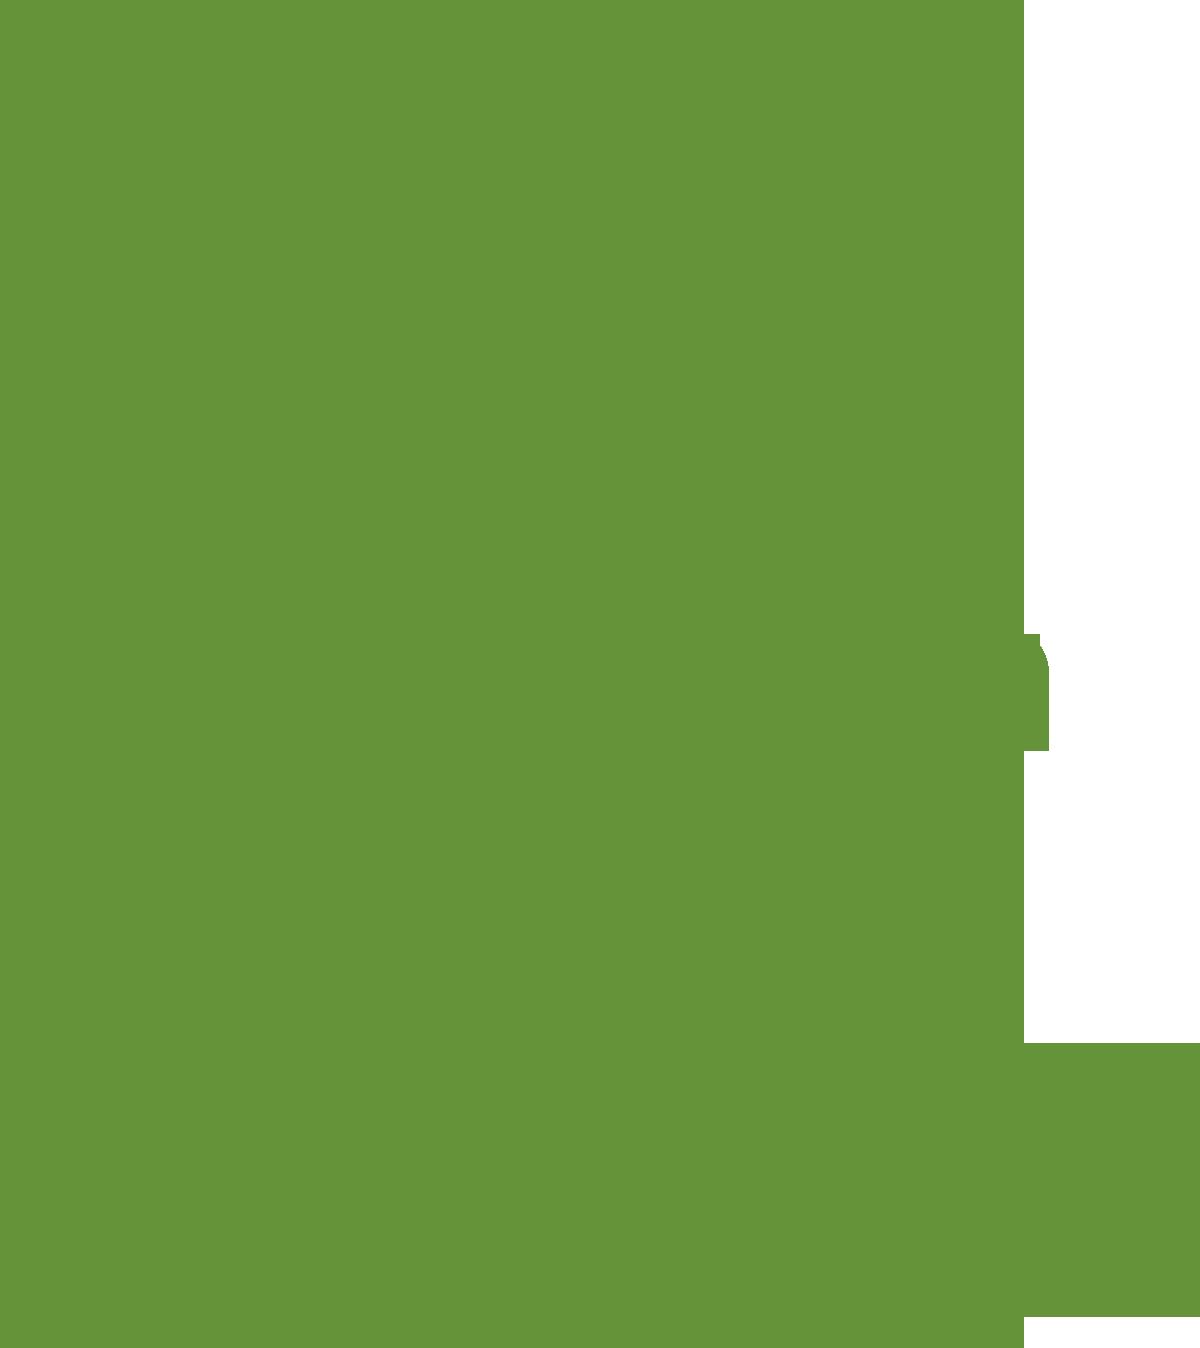 Evergreen Logos.